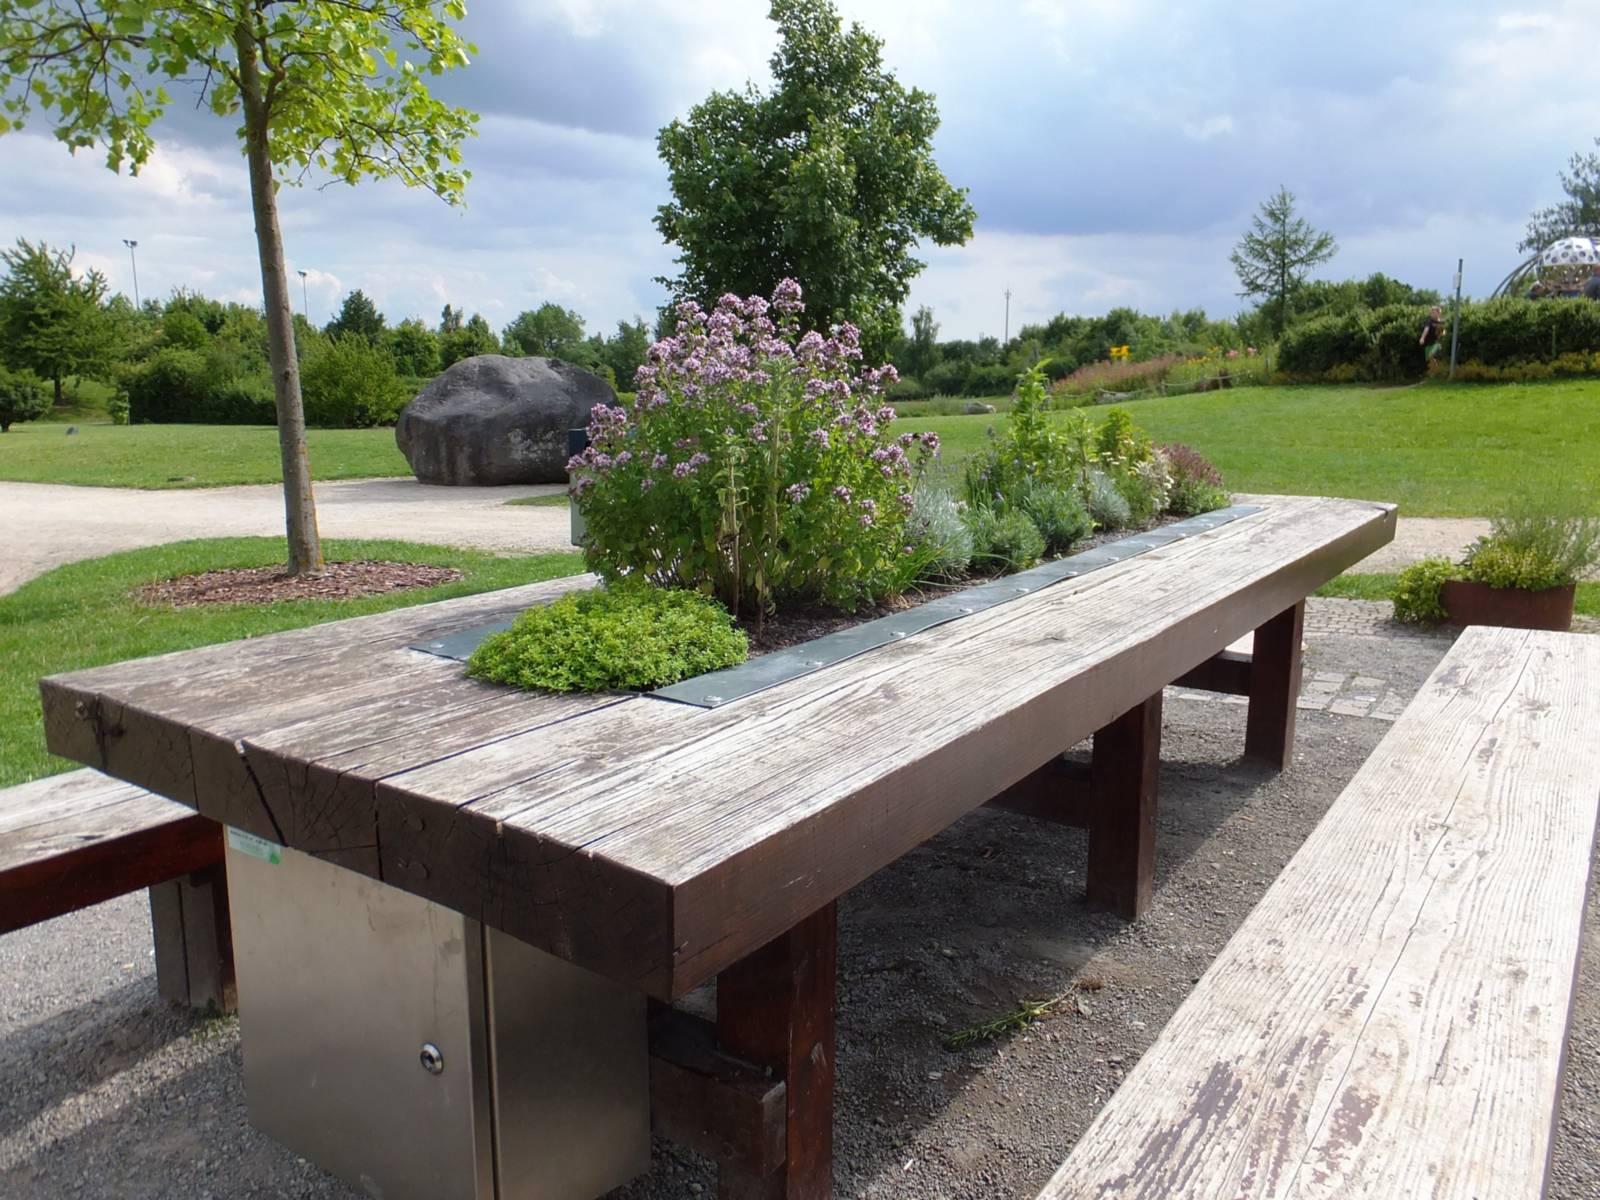 Länglicher Holztisch mit Pflanzen in der Tischmitte. Davor jeweils eine Holzbank.